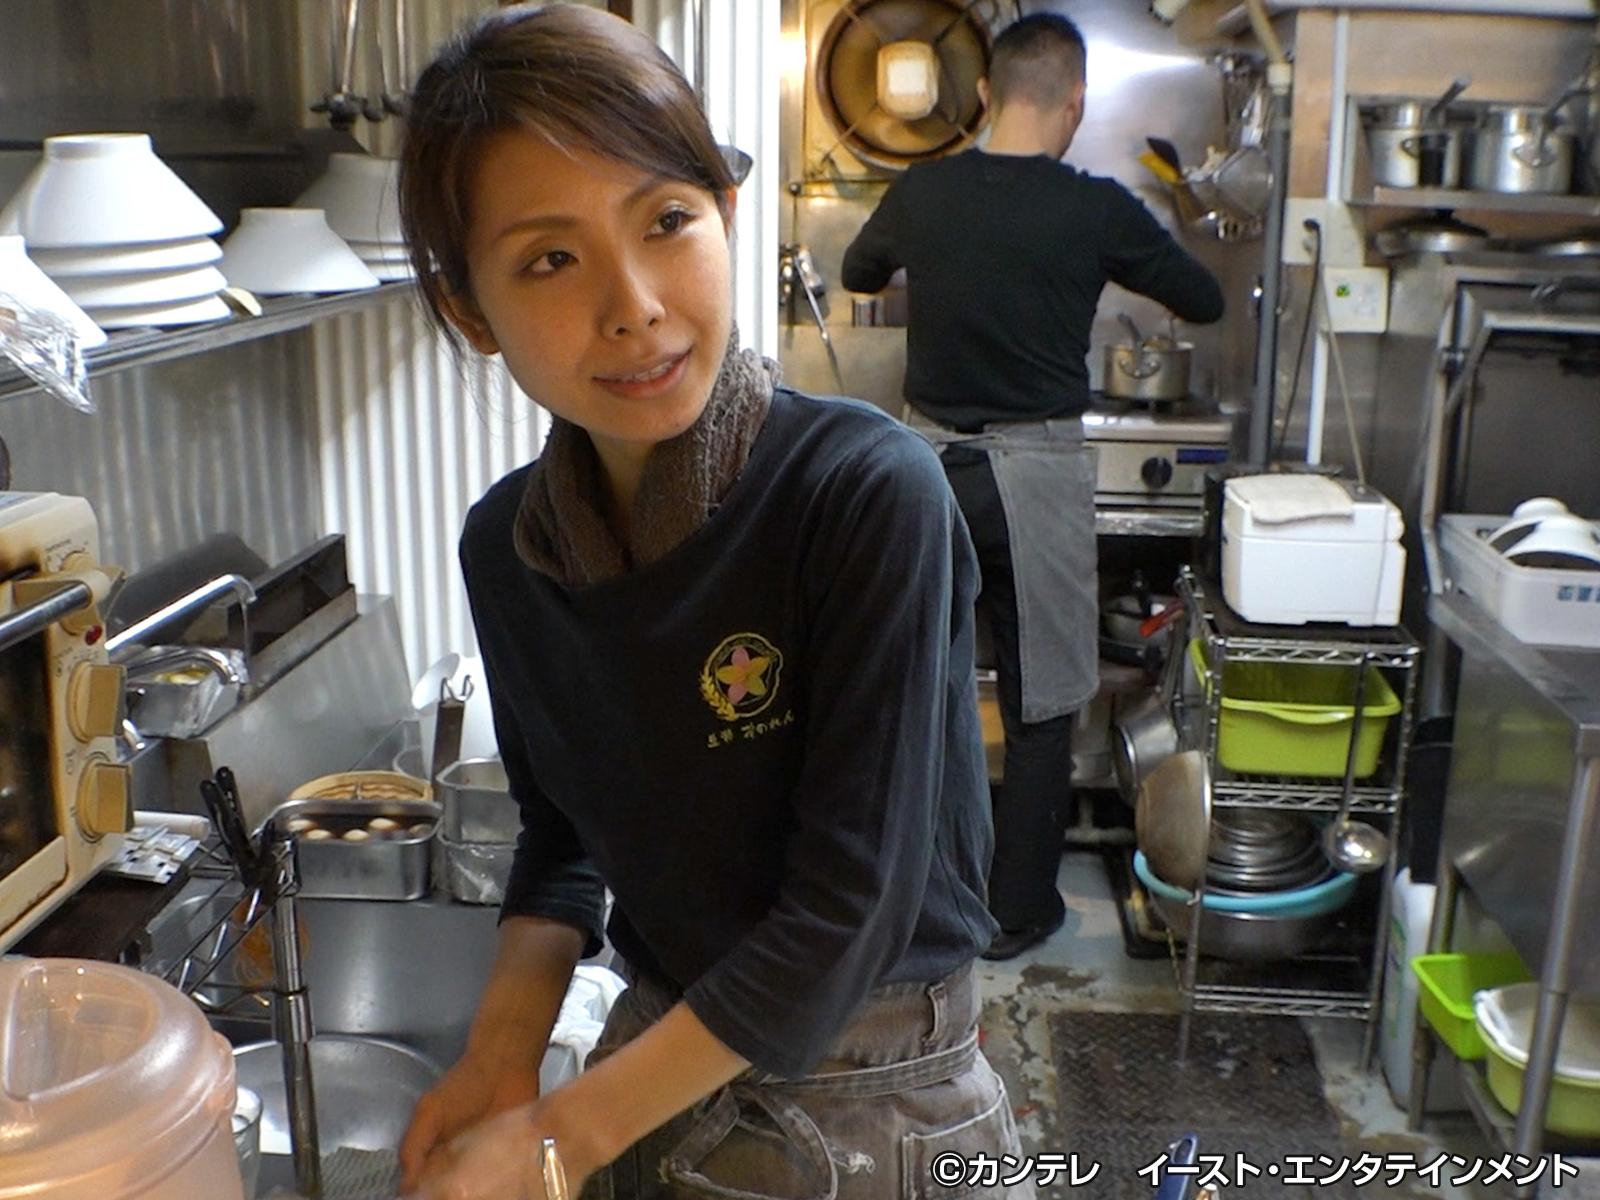 セブンルール/#36 女性に優しいラーメン店の美人店主!